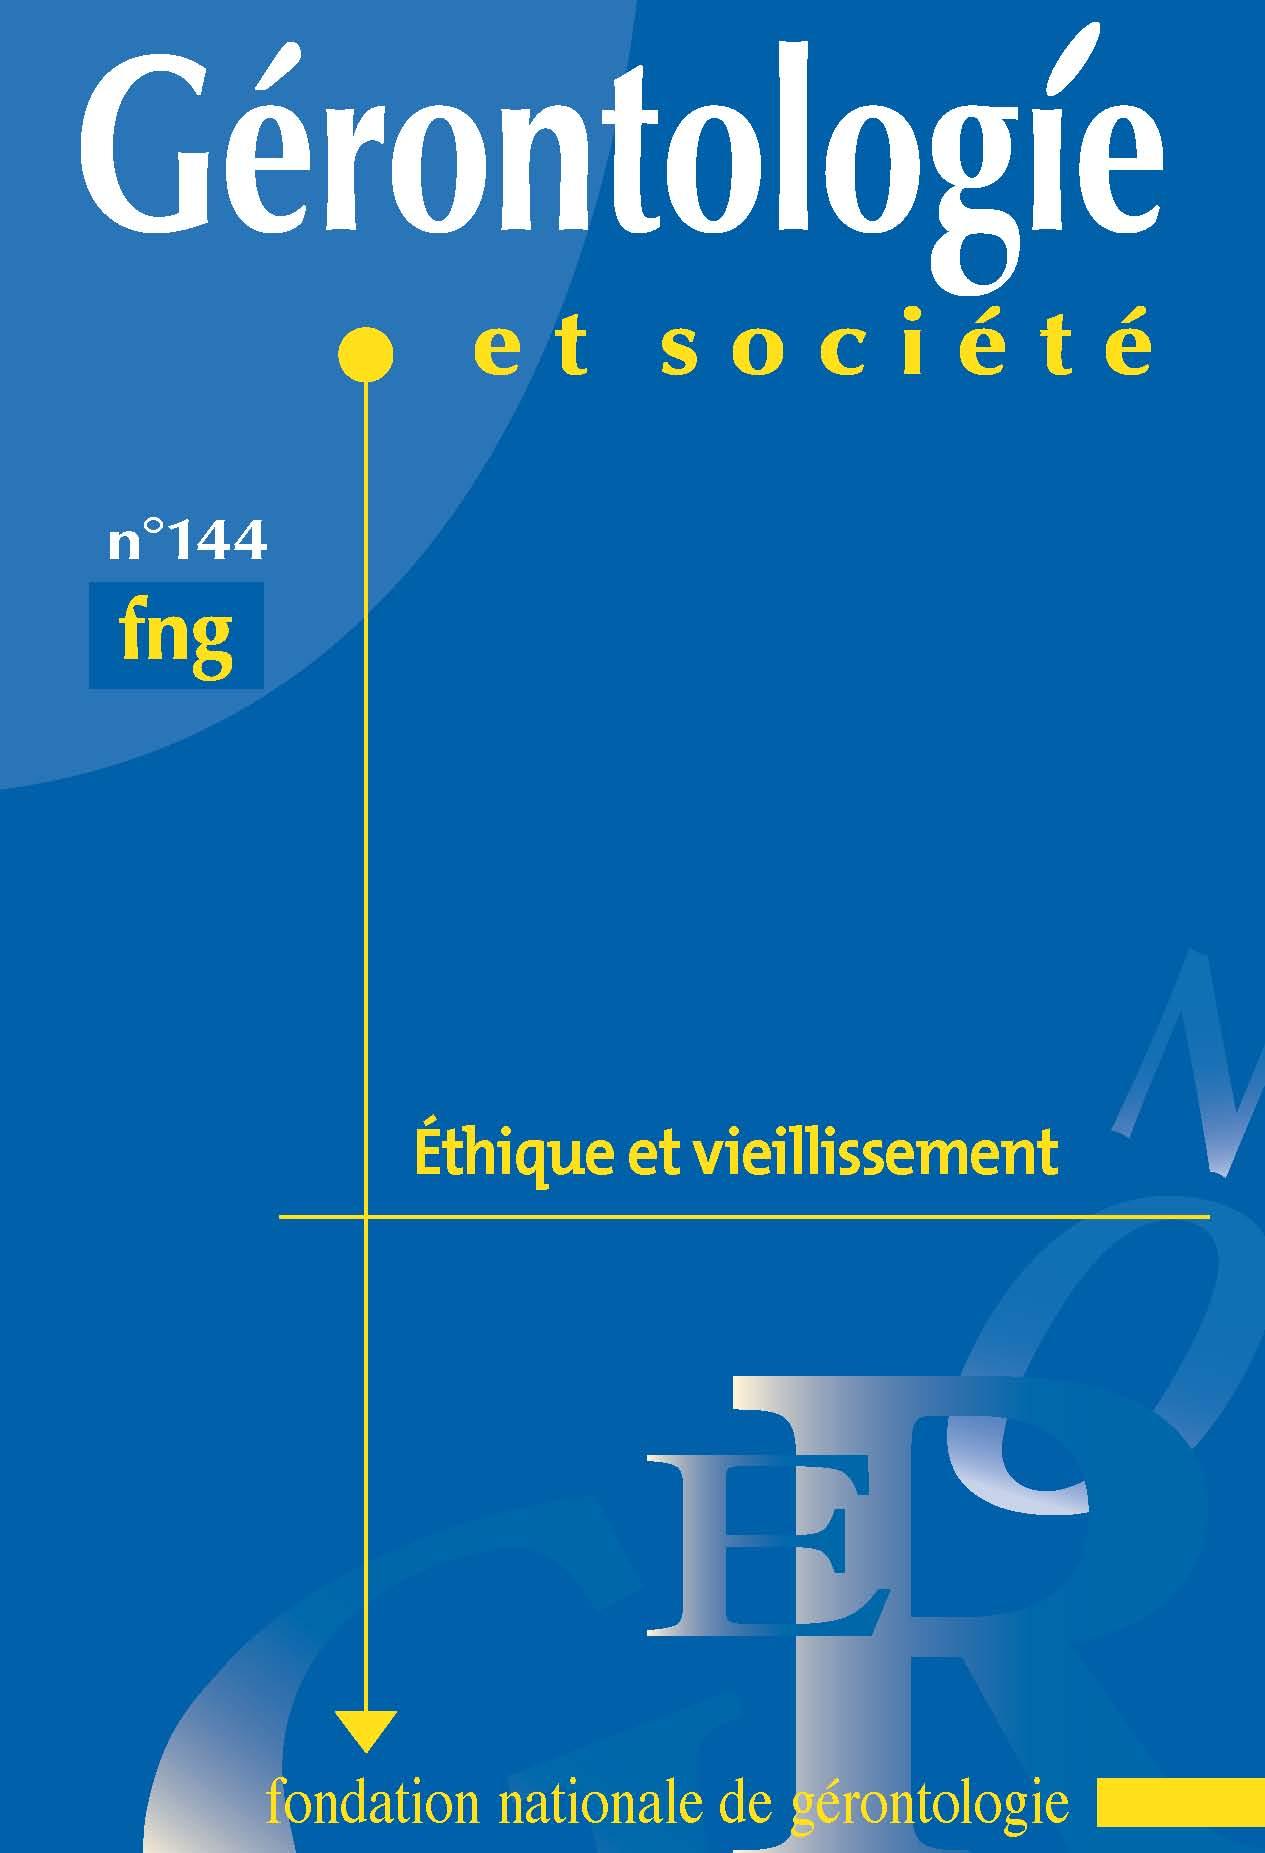 FIDUCIAIRE DE STAGE UN TÉLÉCHARGER PDF RAPPORT CHEZ